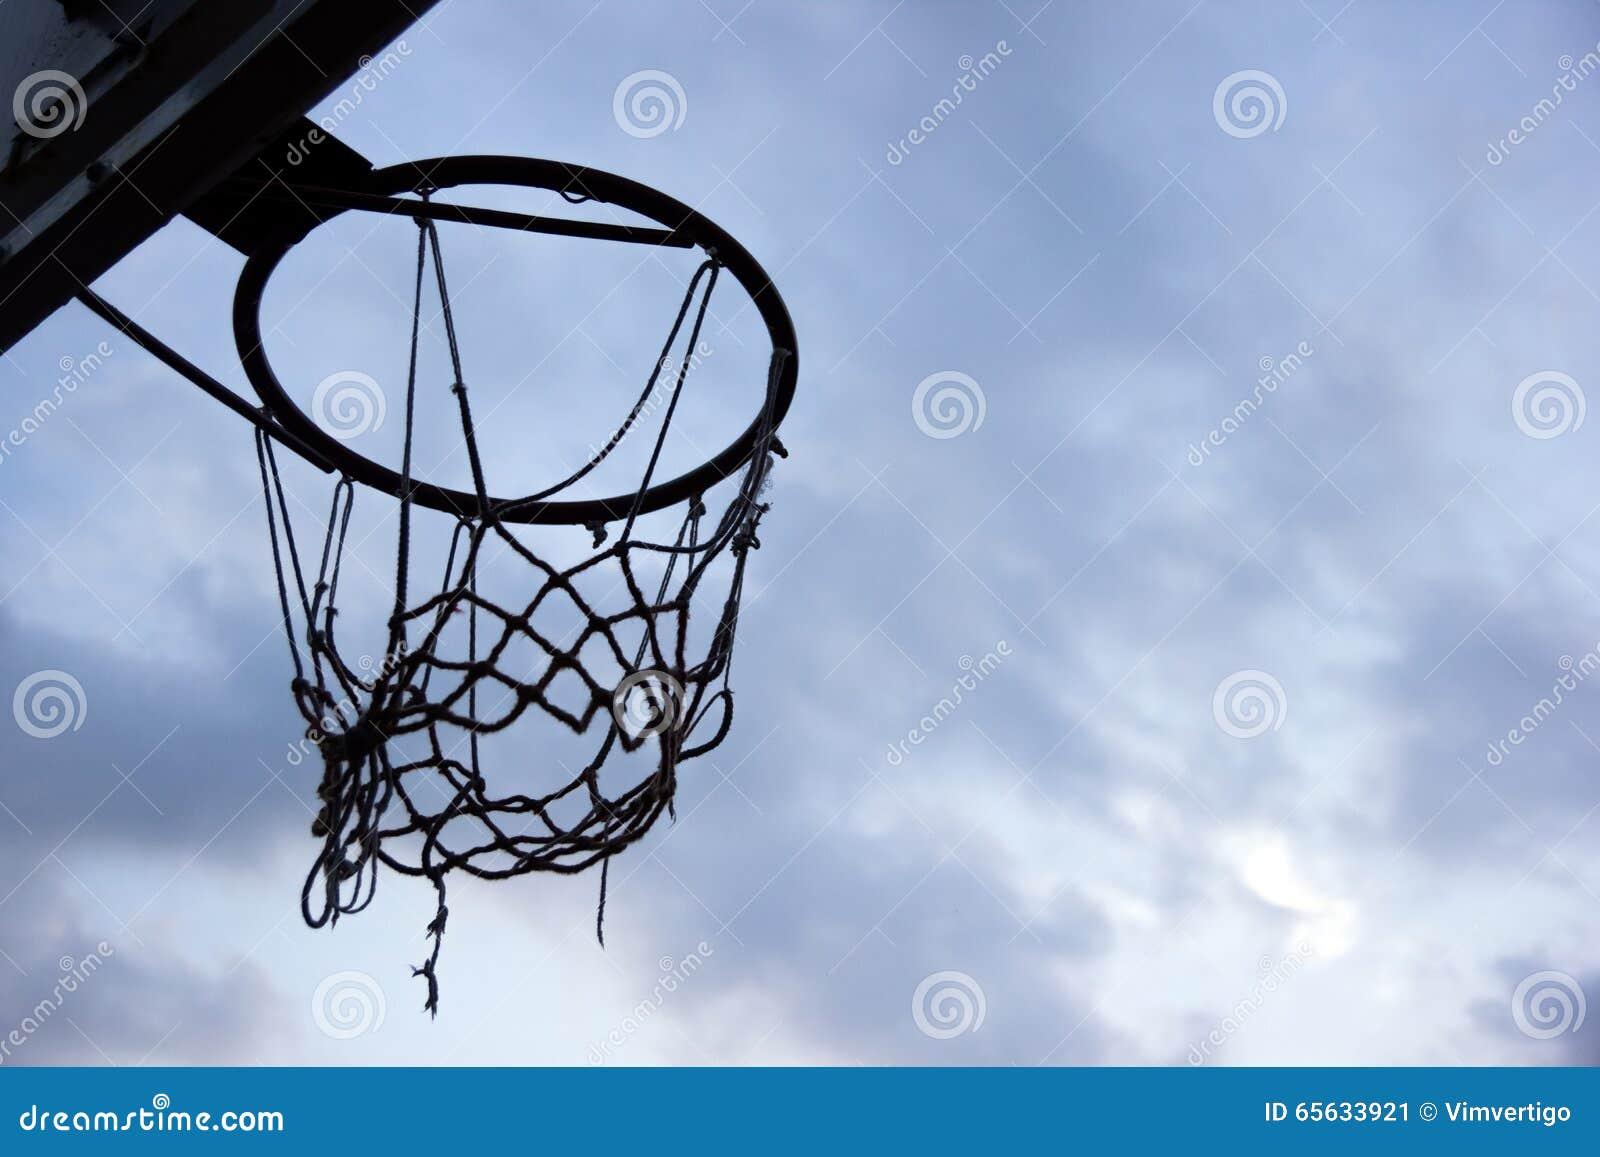 But de basket-ball Silhouette d un anneau et d un filet de basket-ball sur le ciel